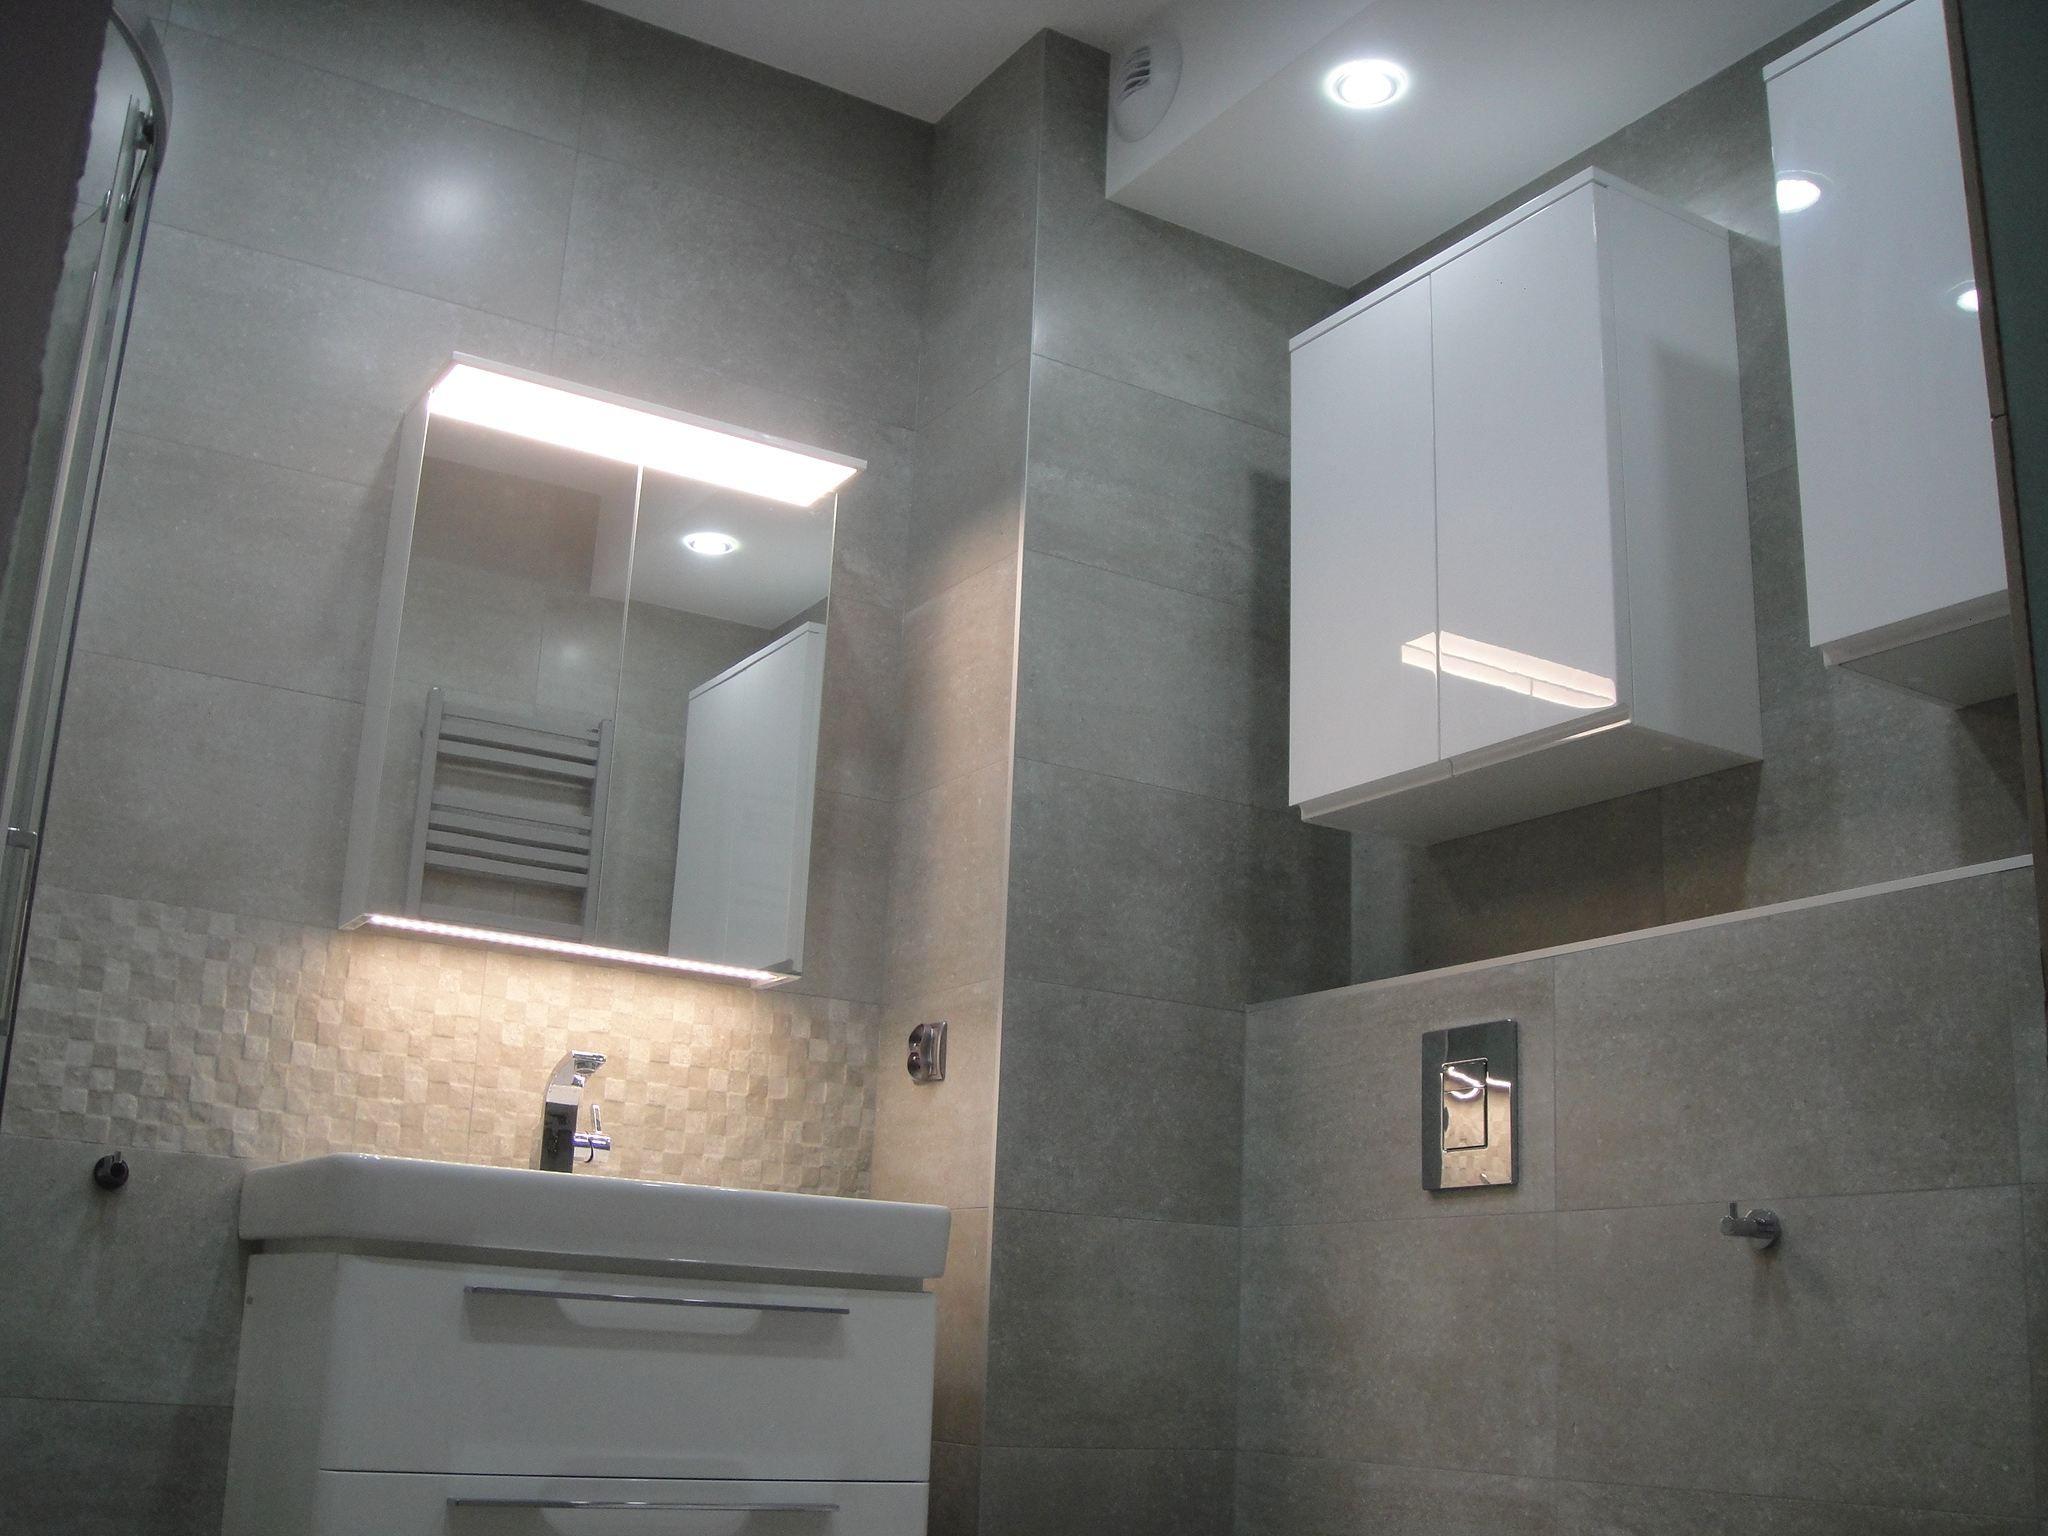 Wykończenie łazienki Styl Nowoczesny łazienka Szara W